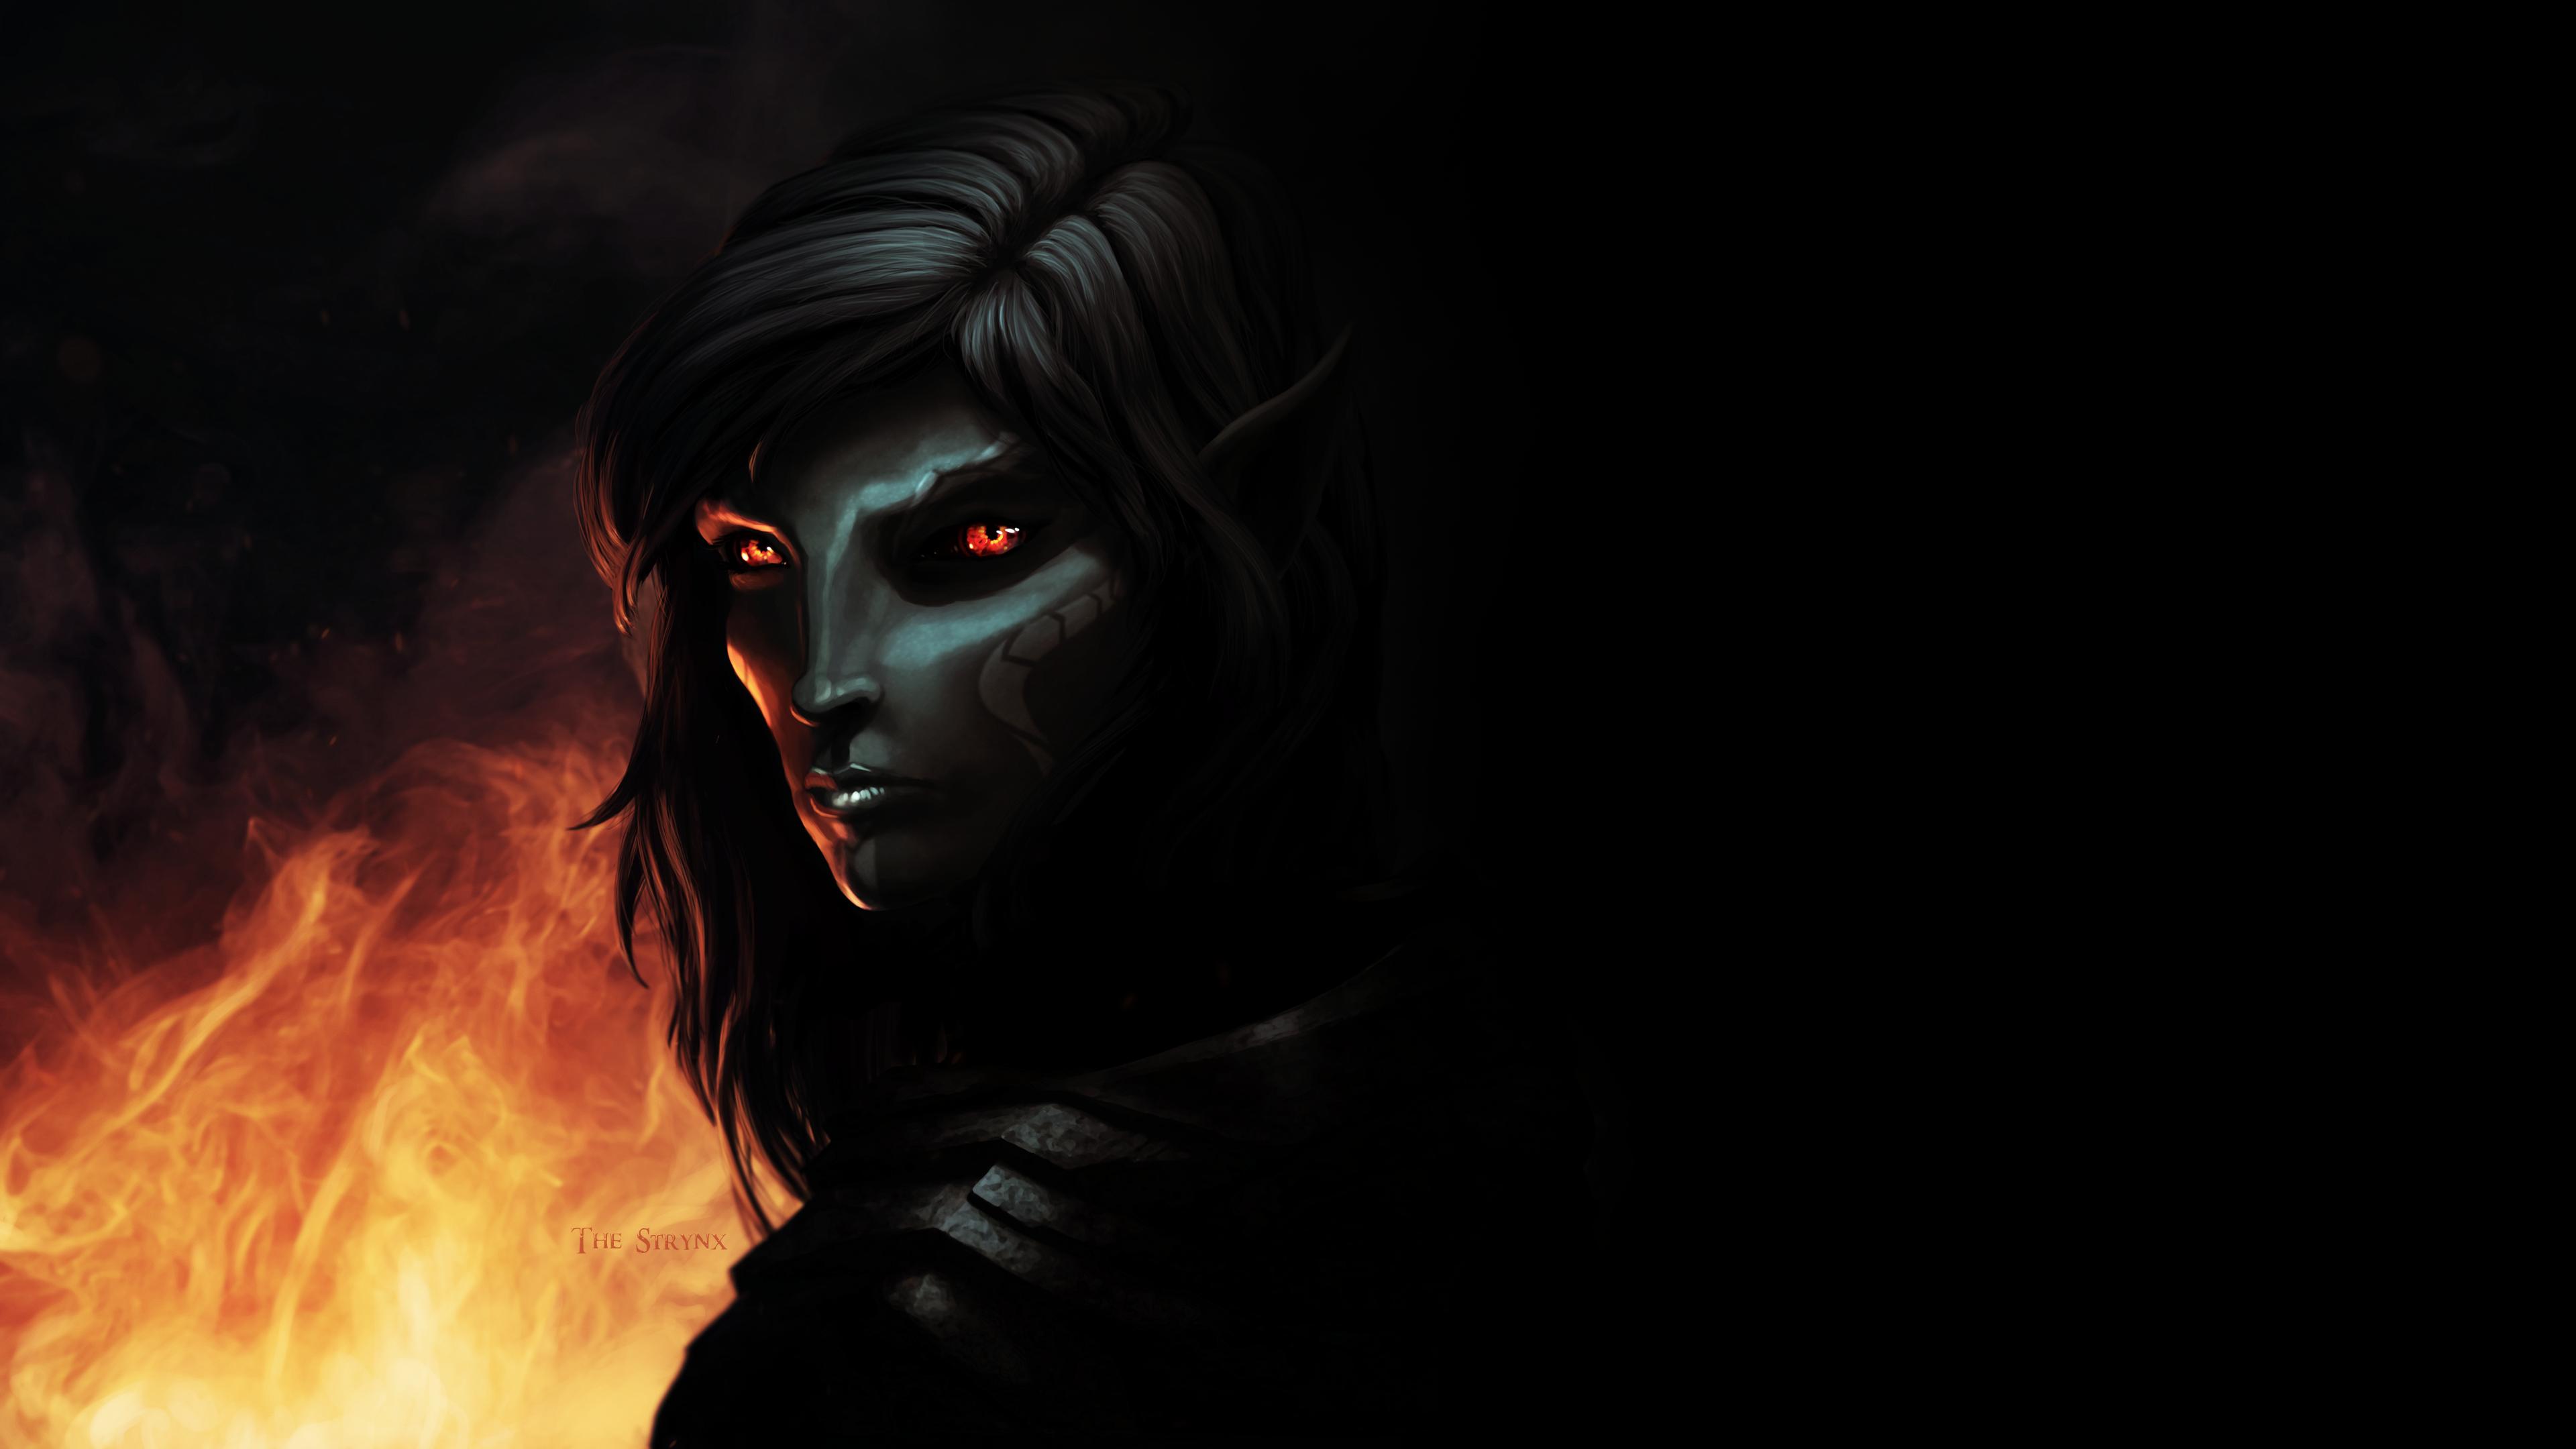 Skyrim Dark Elf Vampire by The-Strynx on DeviantArt